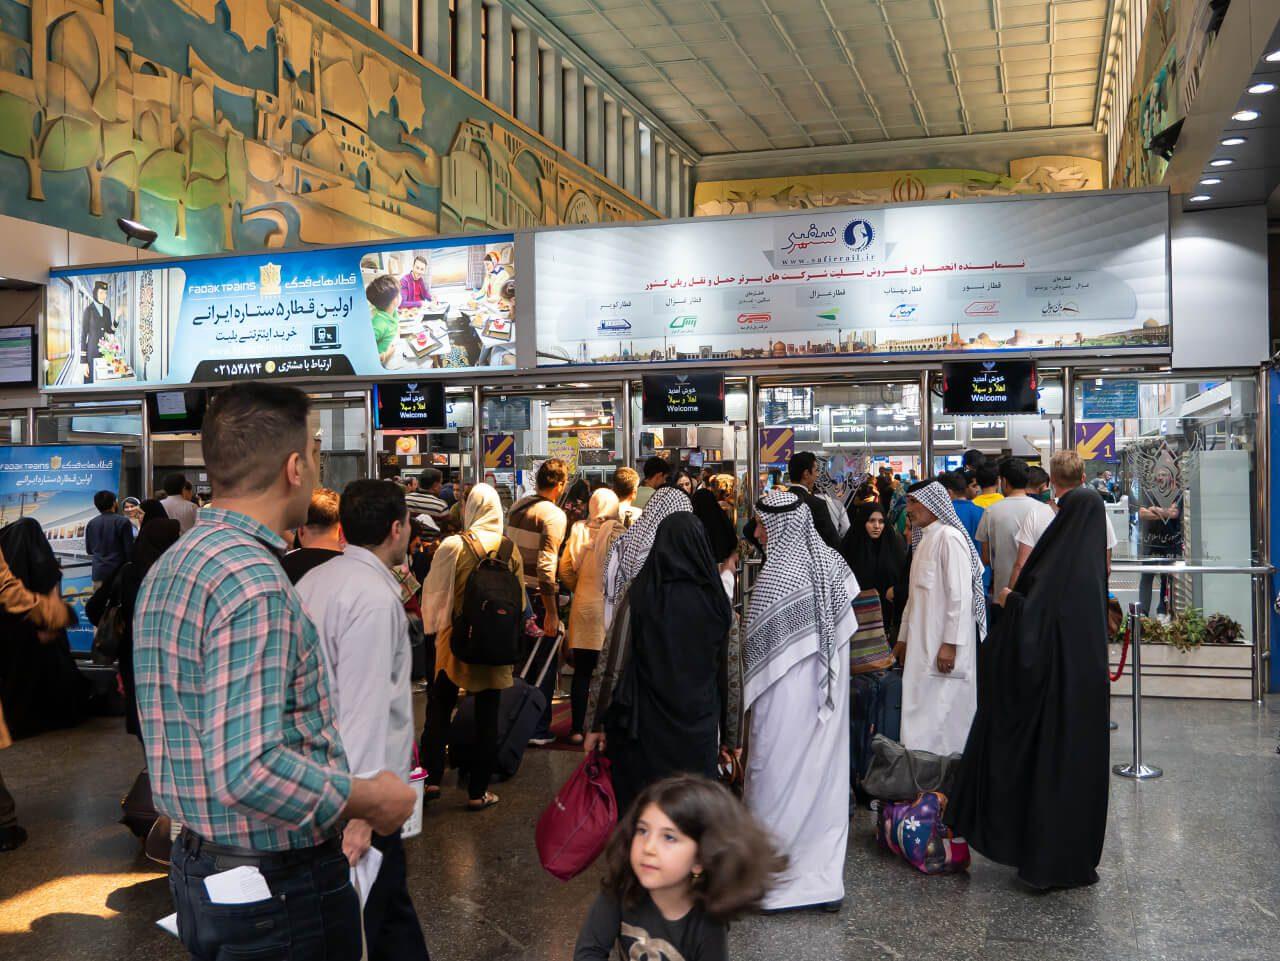 Wnętrze dworca kolejowego w Teheranie